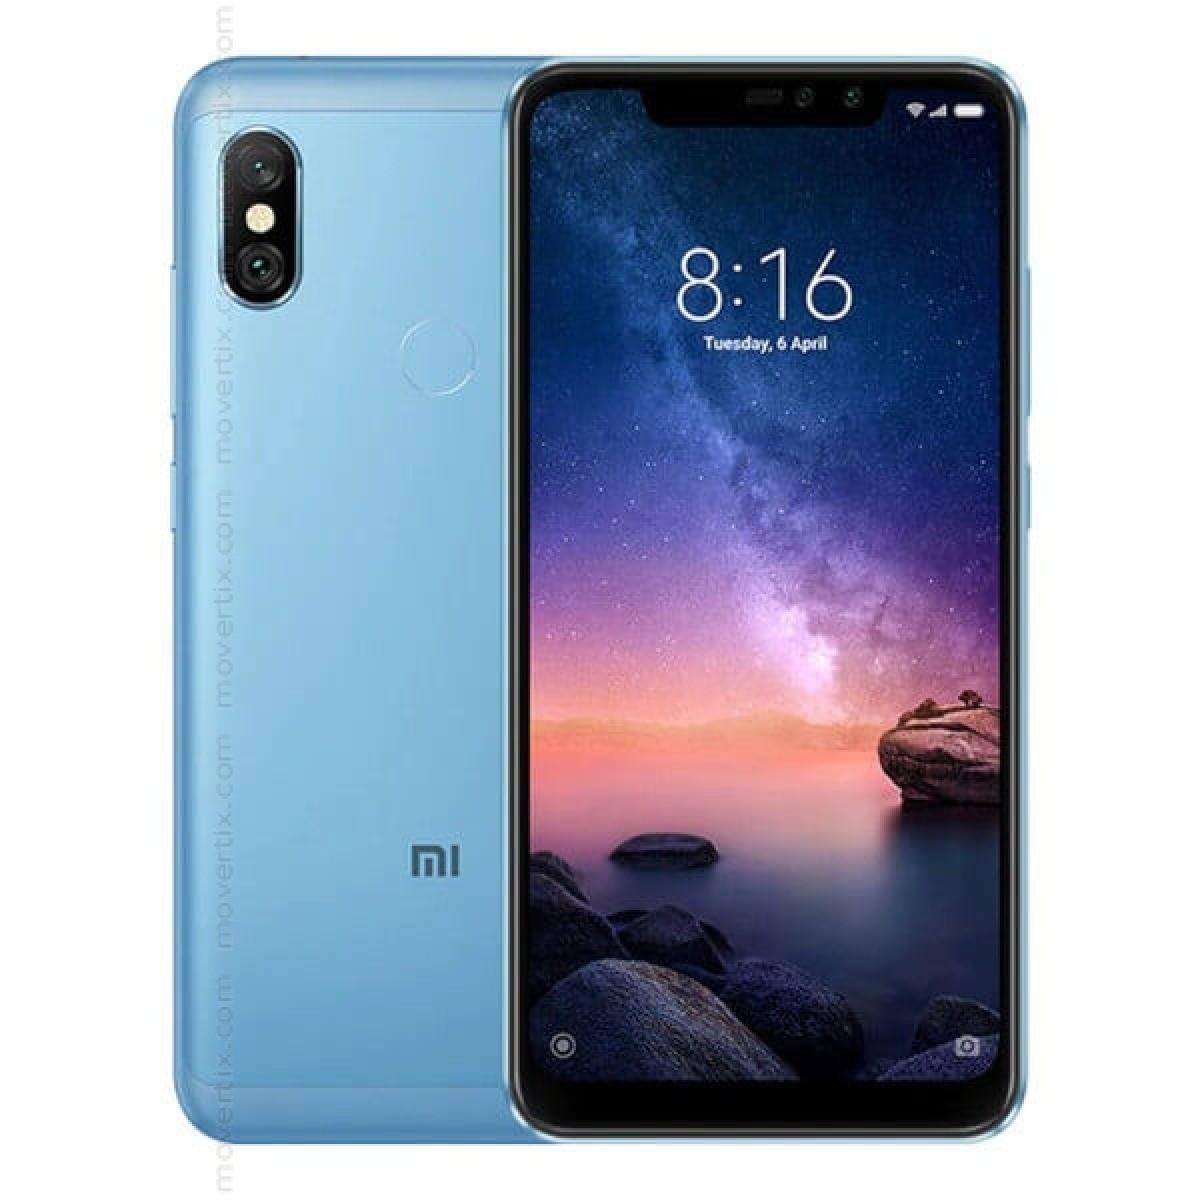 مواصفات وأسعار أكثر 10 هواتف مبيعًا في الأسبوع الأول من فبراير 2019